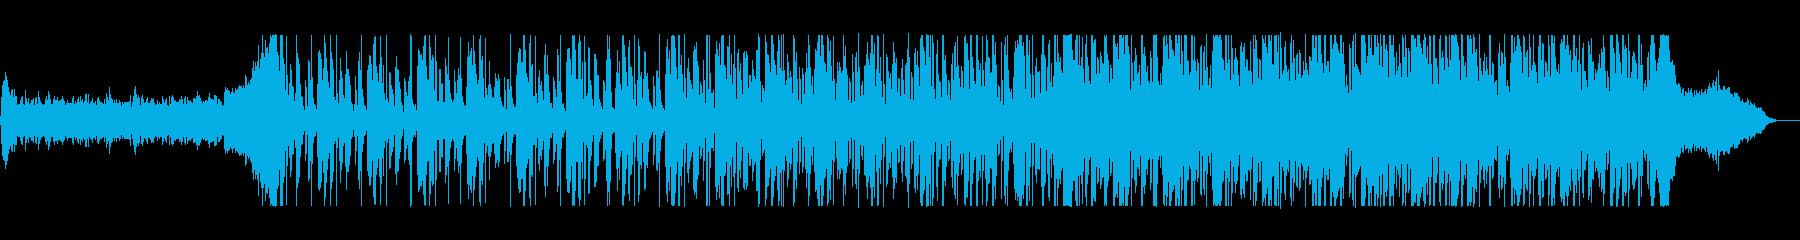 シリアスなバイオリン・ピアノなどのテクノの再生済みの波形